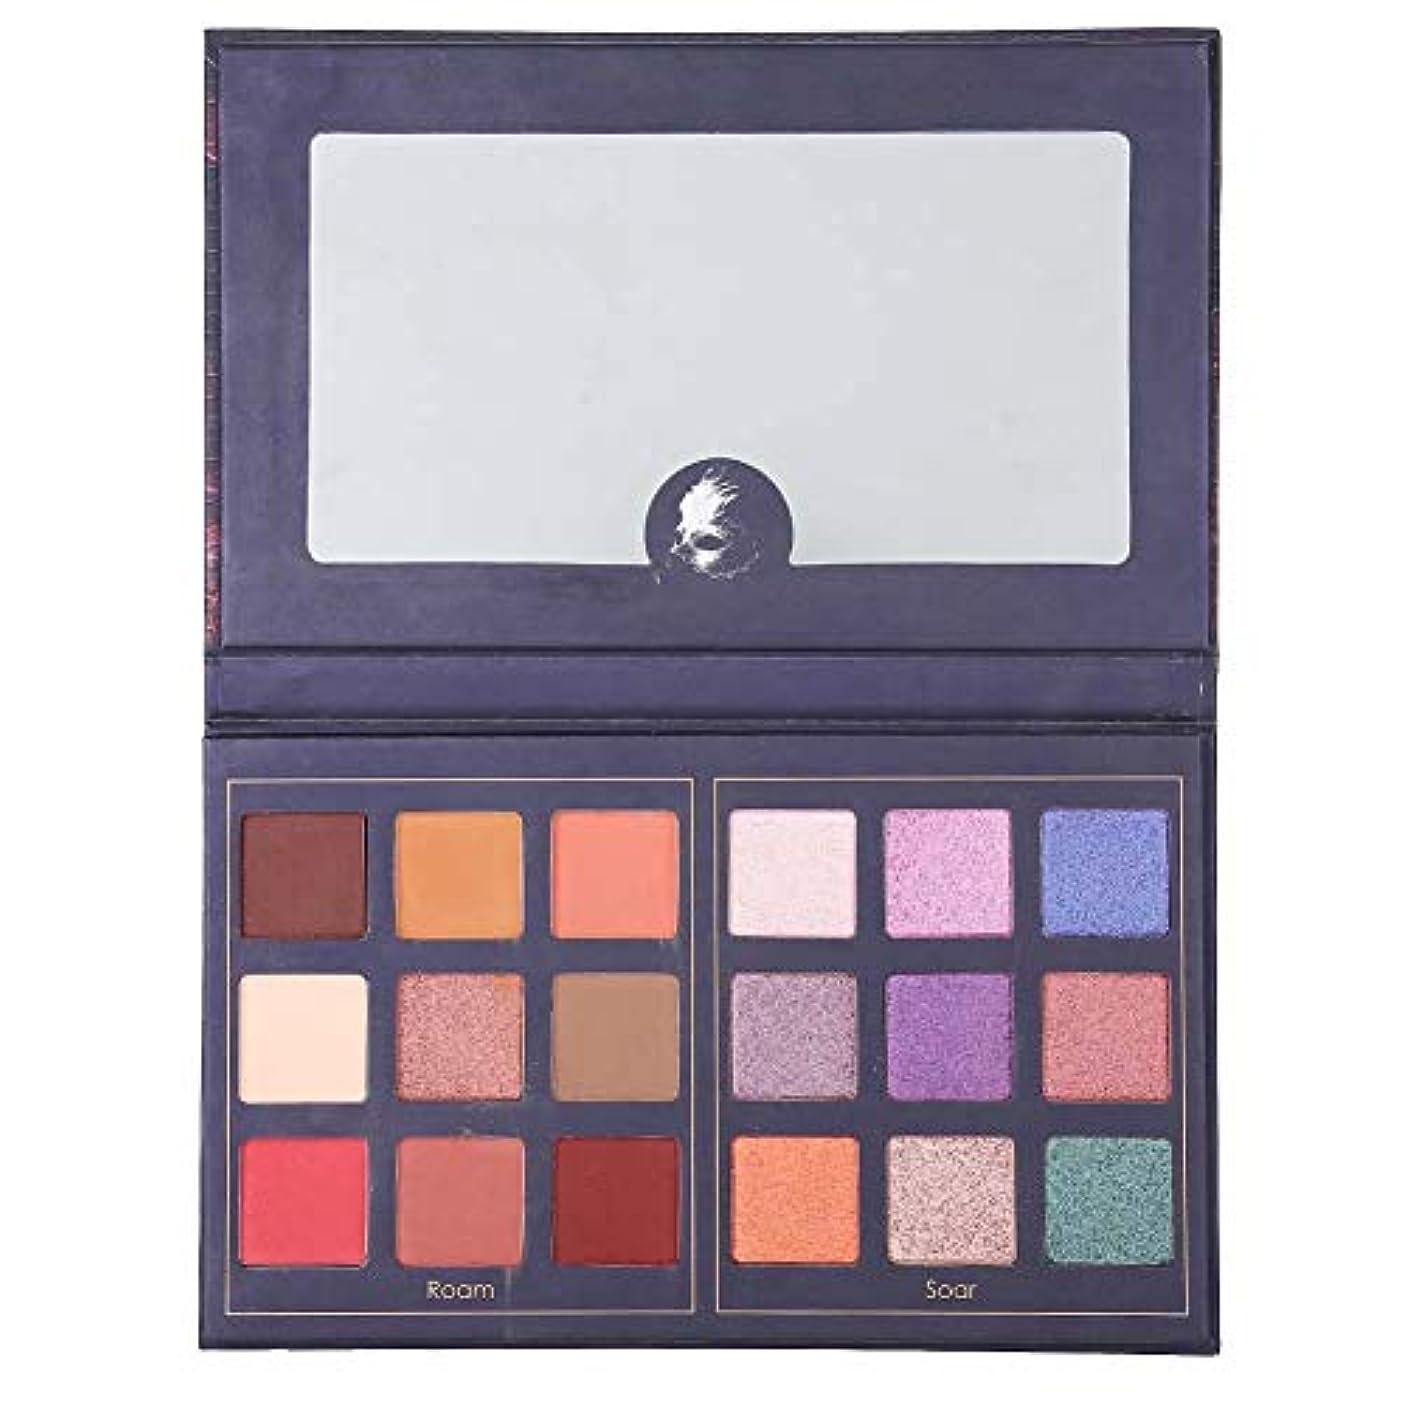 セットする写真しおれたアイシャドウパレットグリッター 18色 美しい 化粧品アイシャドウ化粧パウダー